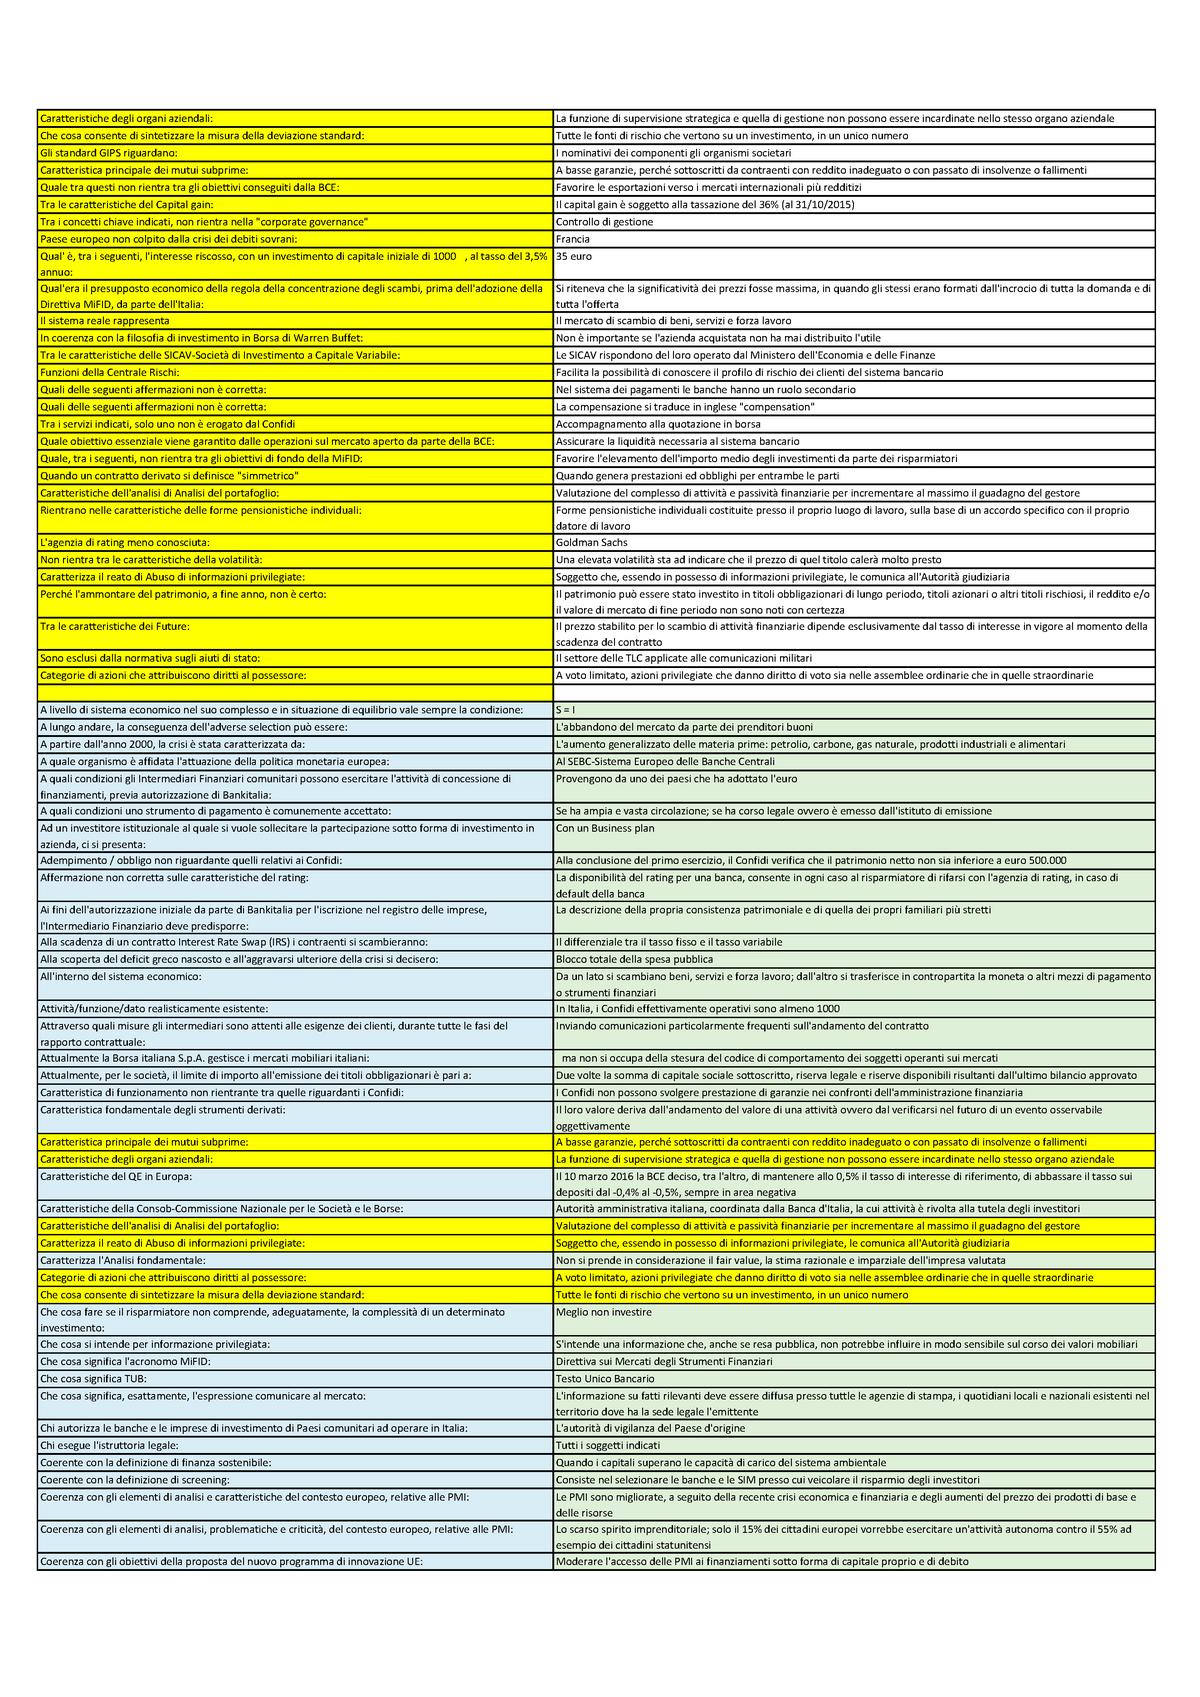 9981e44e7e Economia degli intermediari finanziari - SECS-P/11: Economia degli  intermediari finanziari - StuDocu